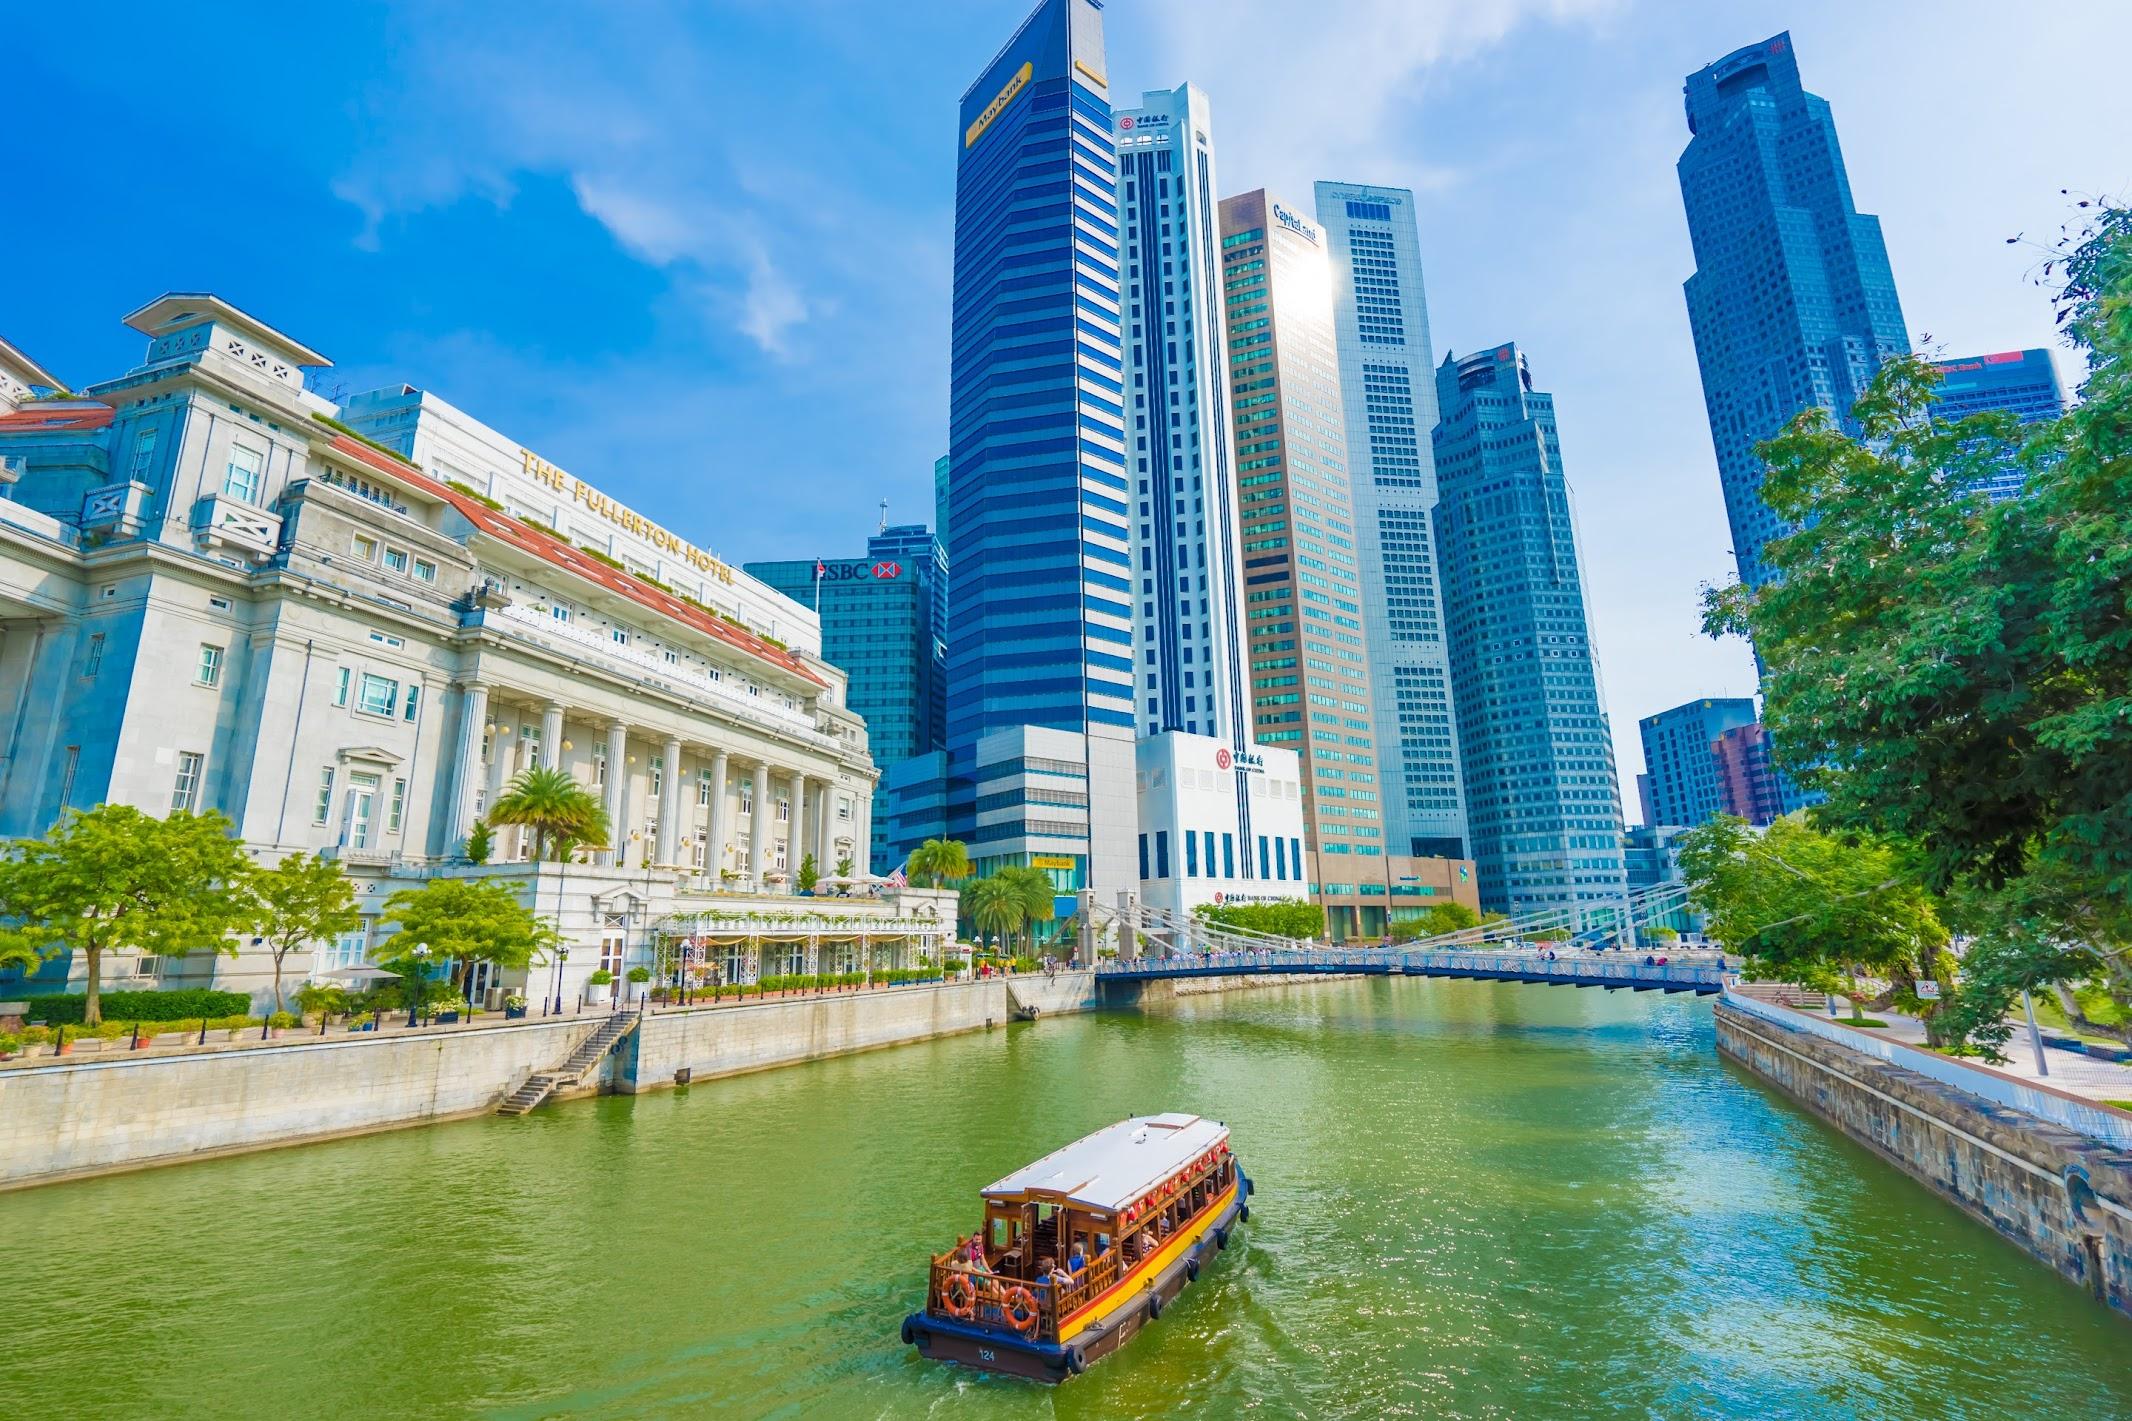 シンガポール フラトン・ホテル リバー・クルーズ2